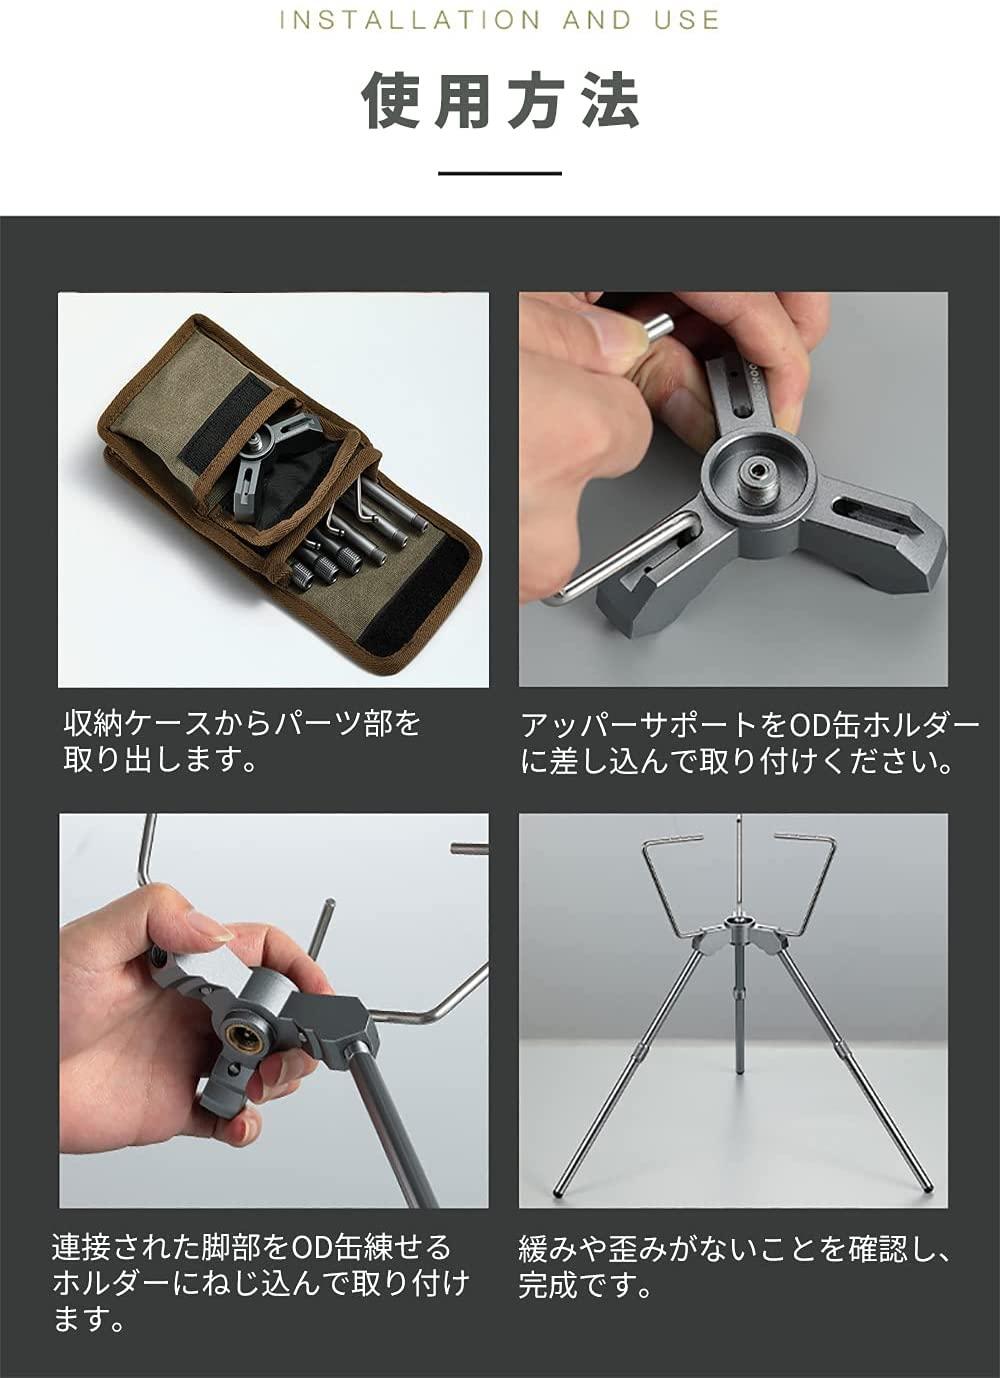 スマートスタンド ショートタイプ アッパーサポート(五徳)付き ガススタンド Z02